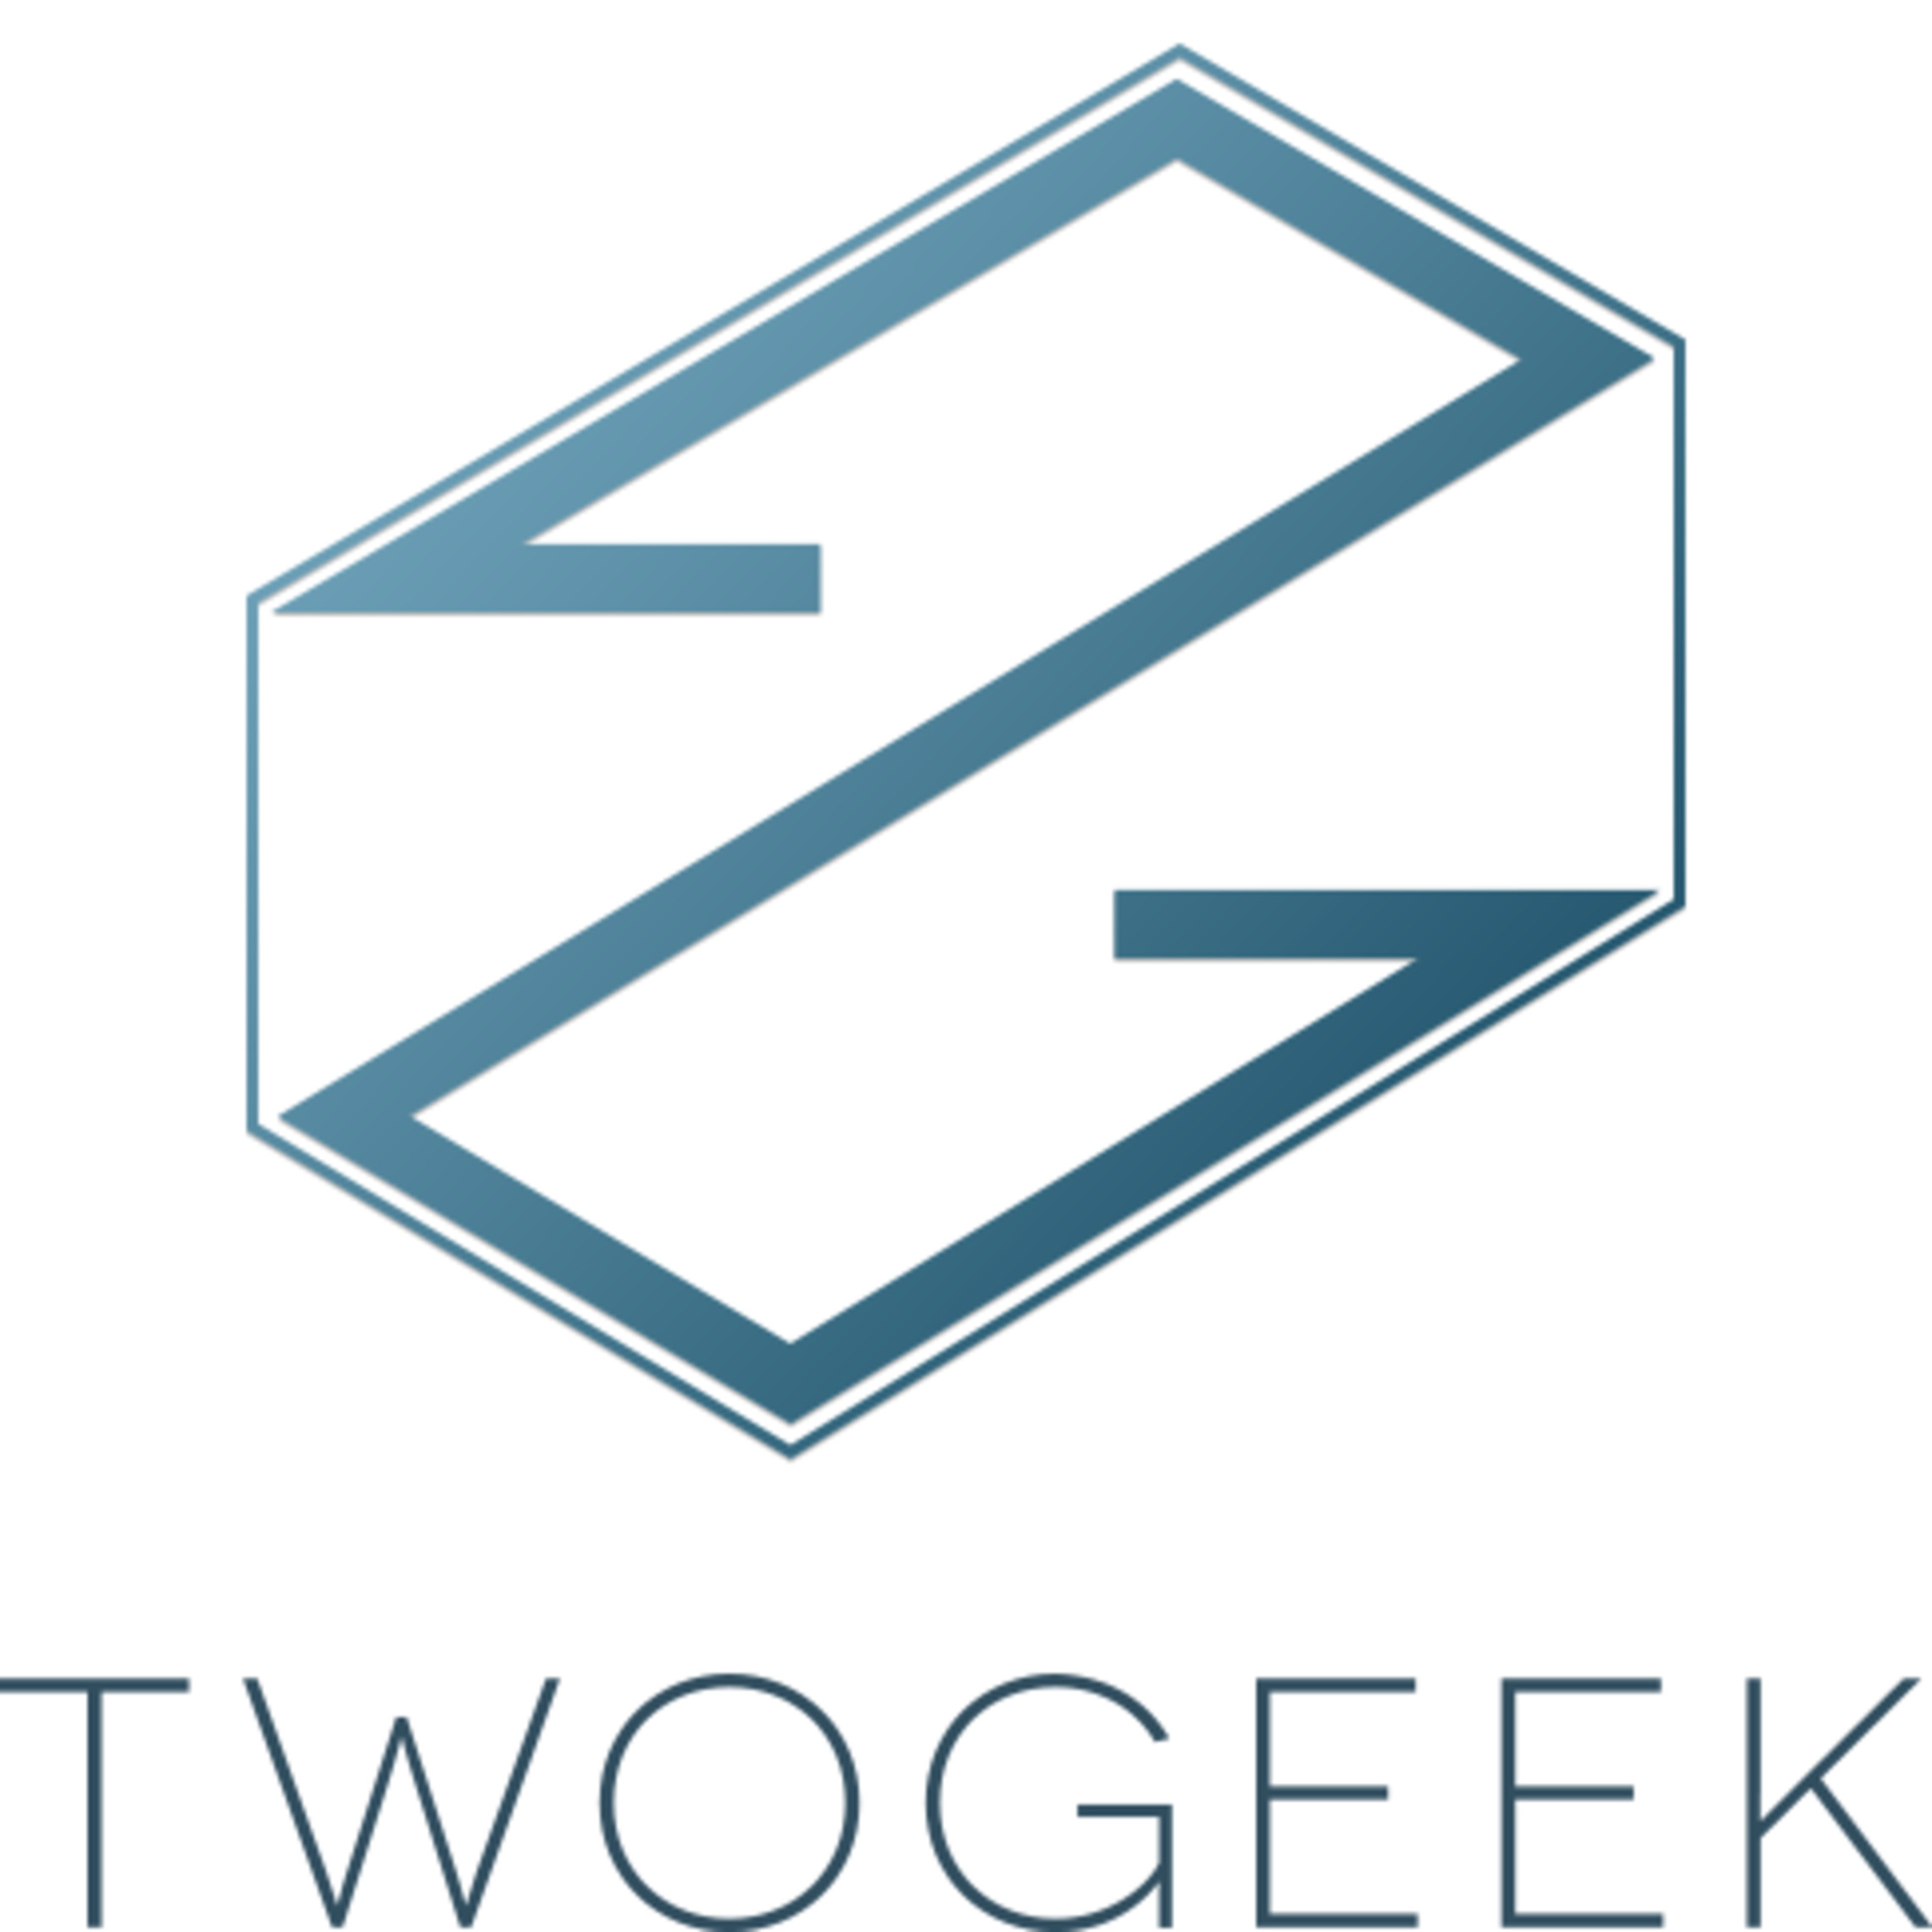 twogeek pte ltd- company logo